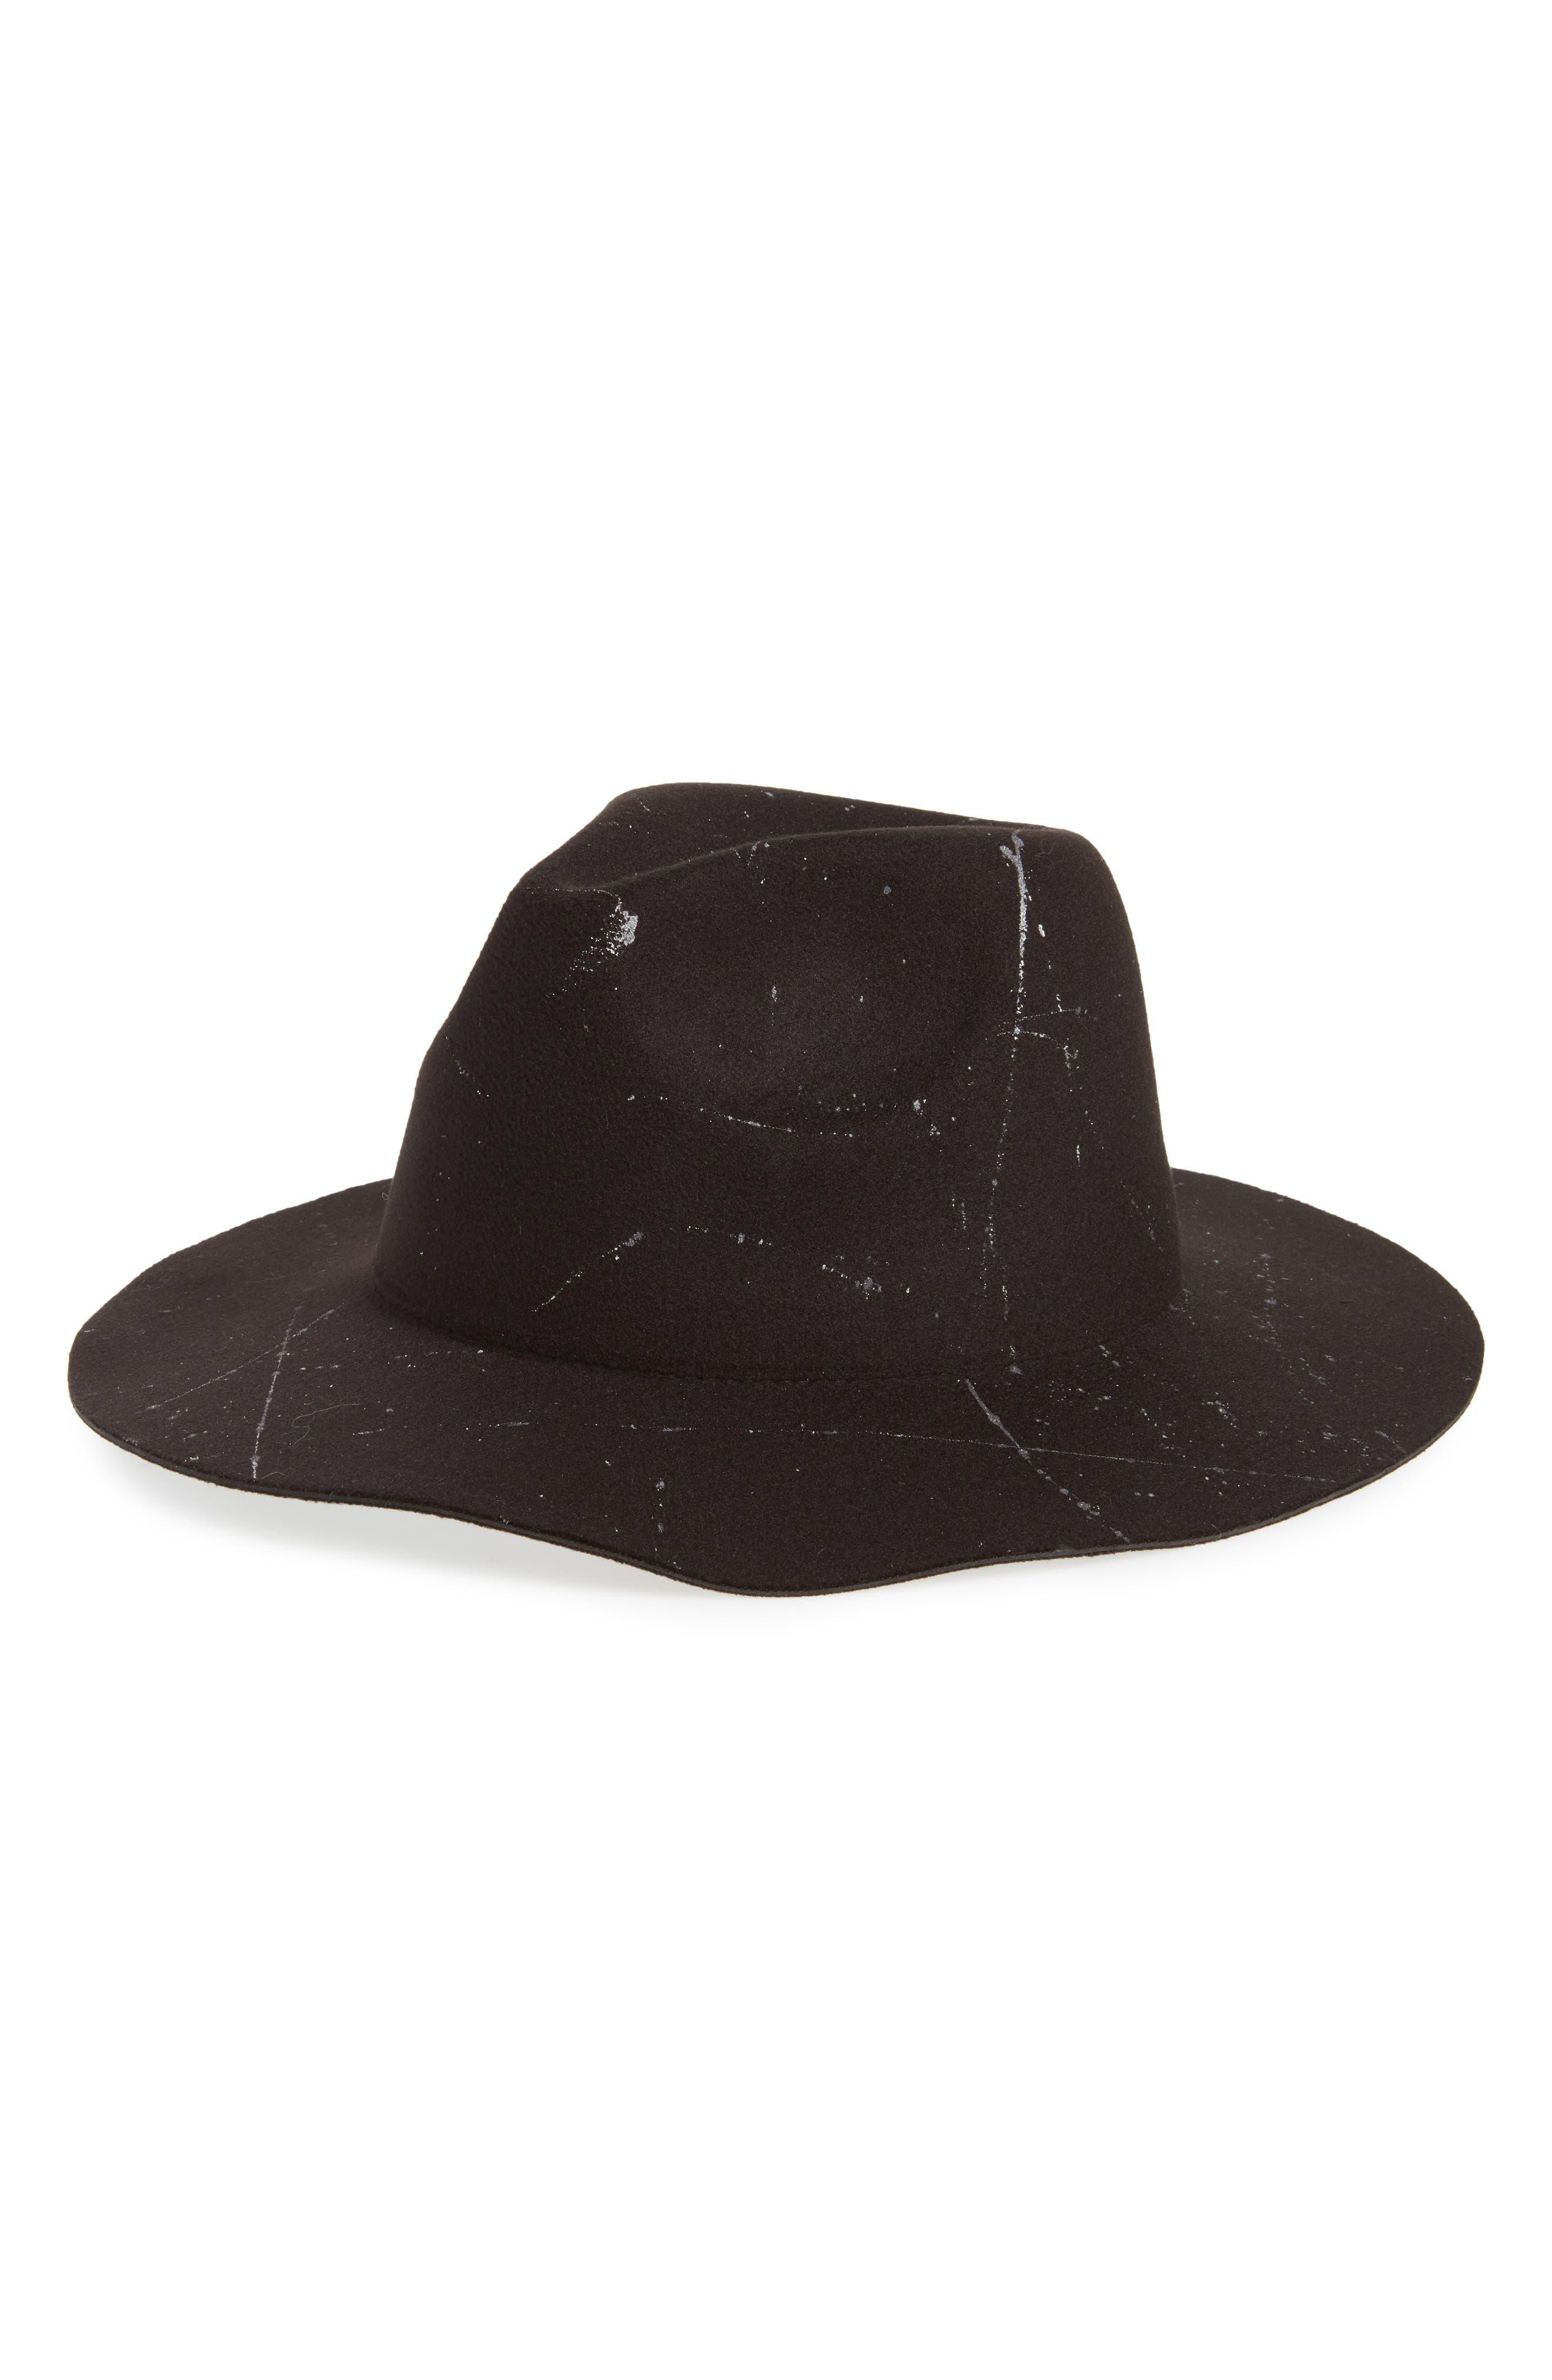 Marbled Paint Felt Panama Hat,                         Main,                         color, 001